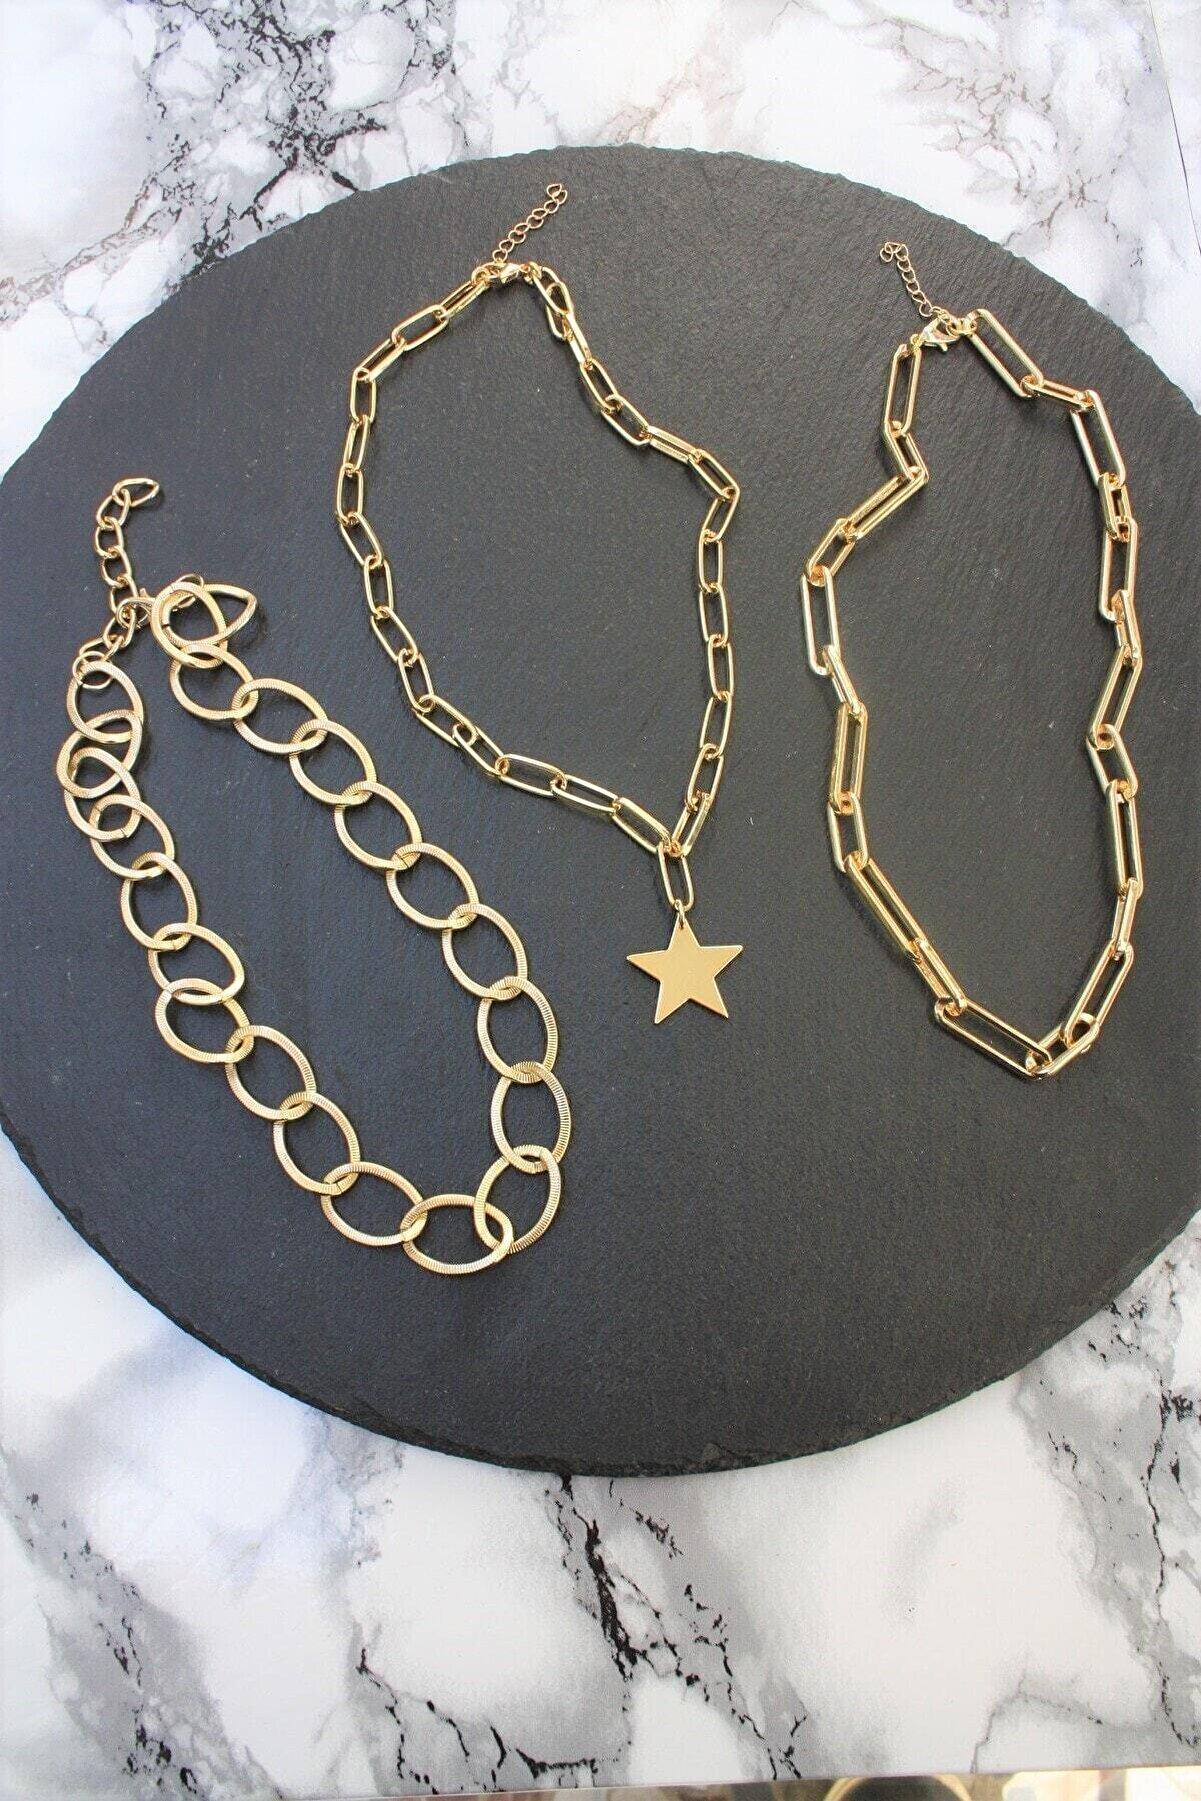 Lal Kadın Gold Kaplama Üçlü Kombin Zincir Kolye